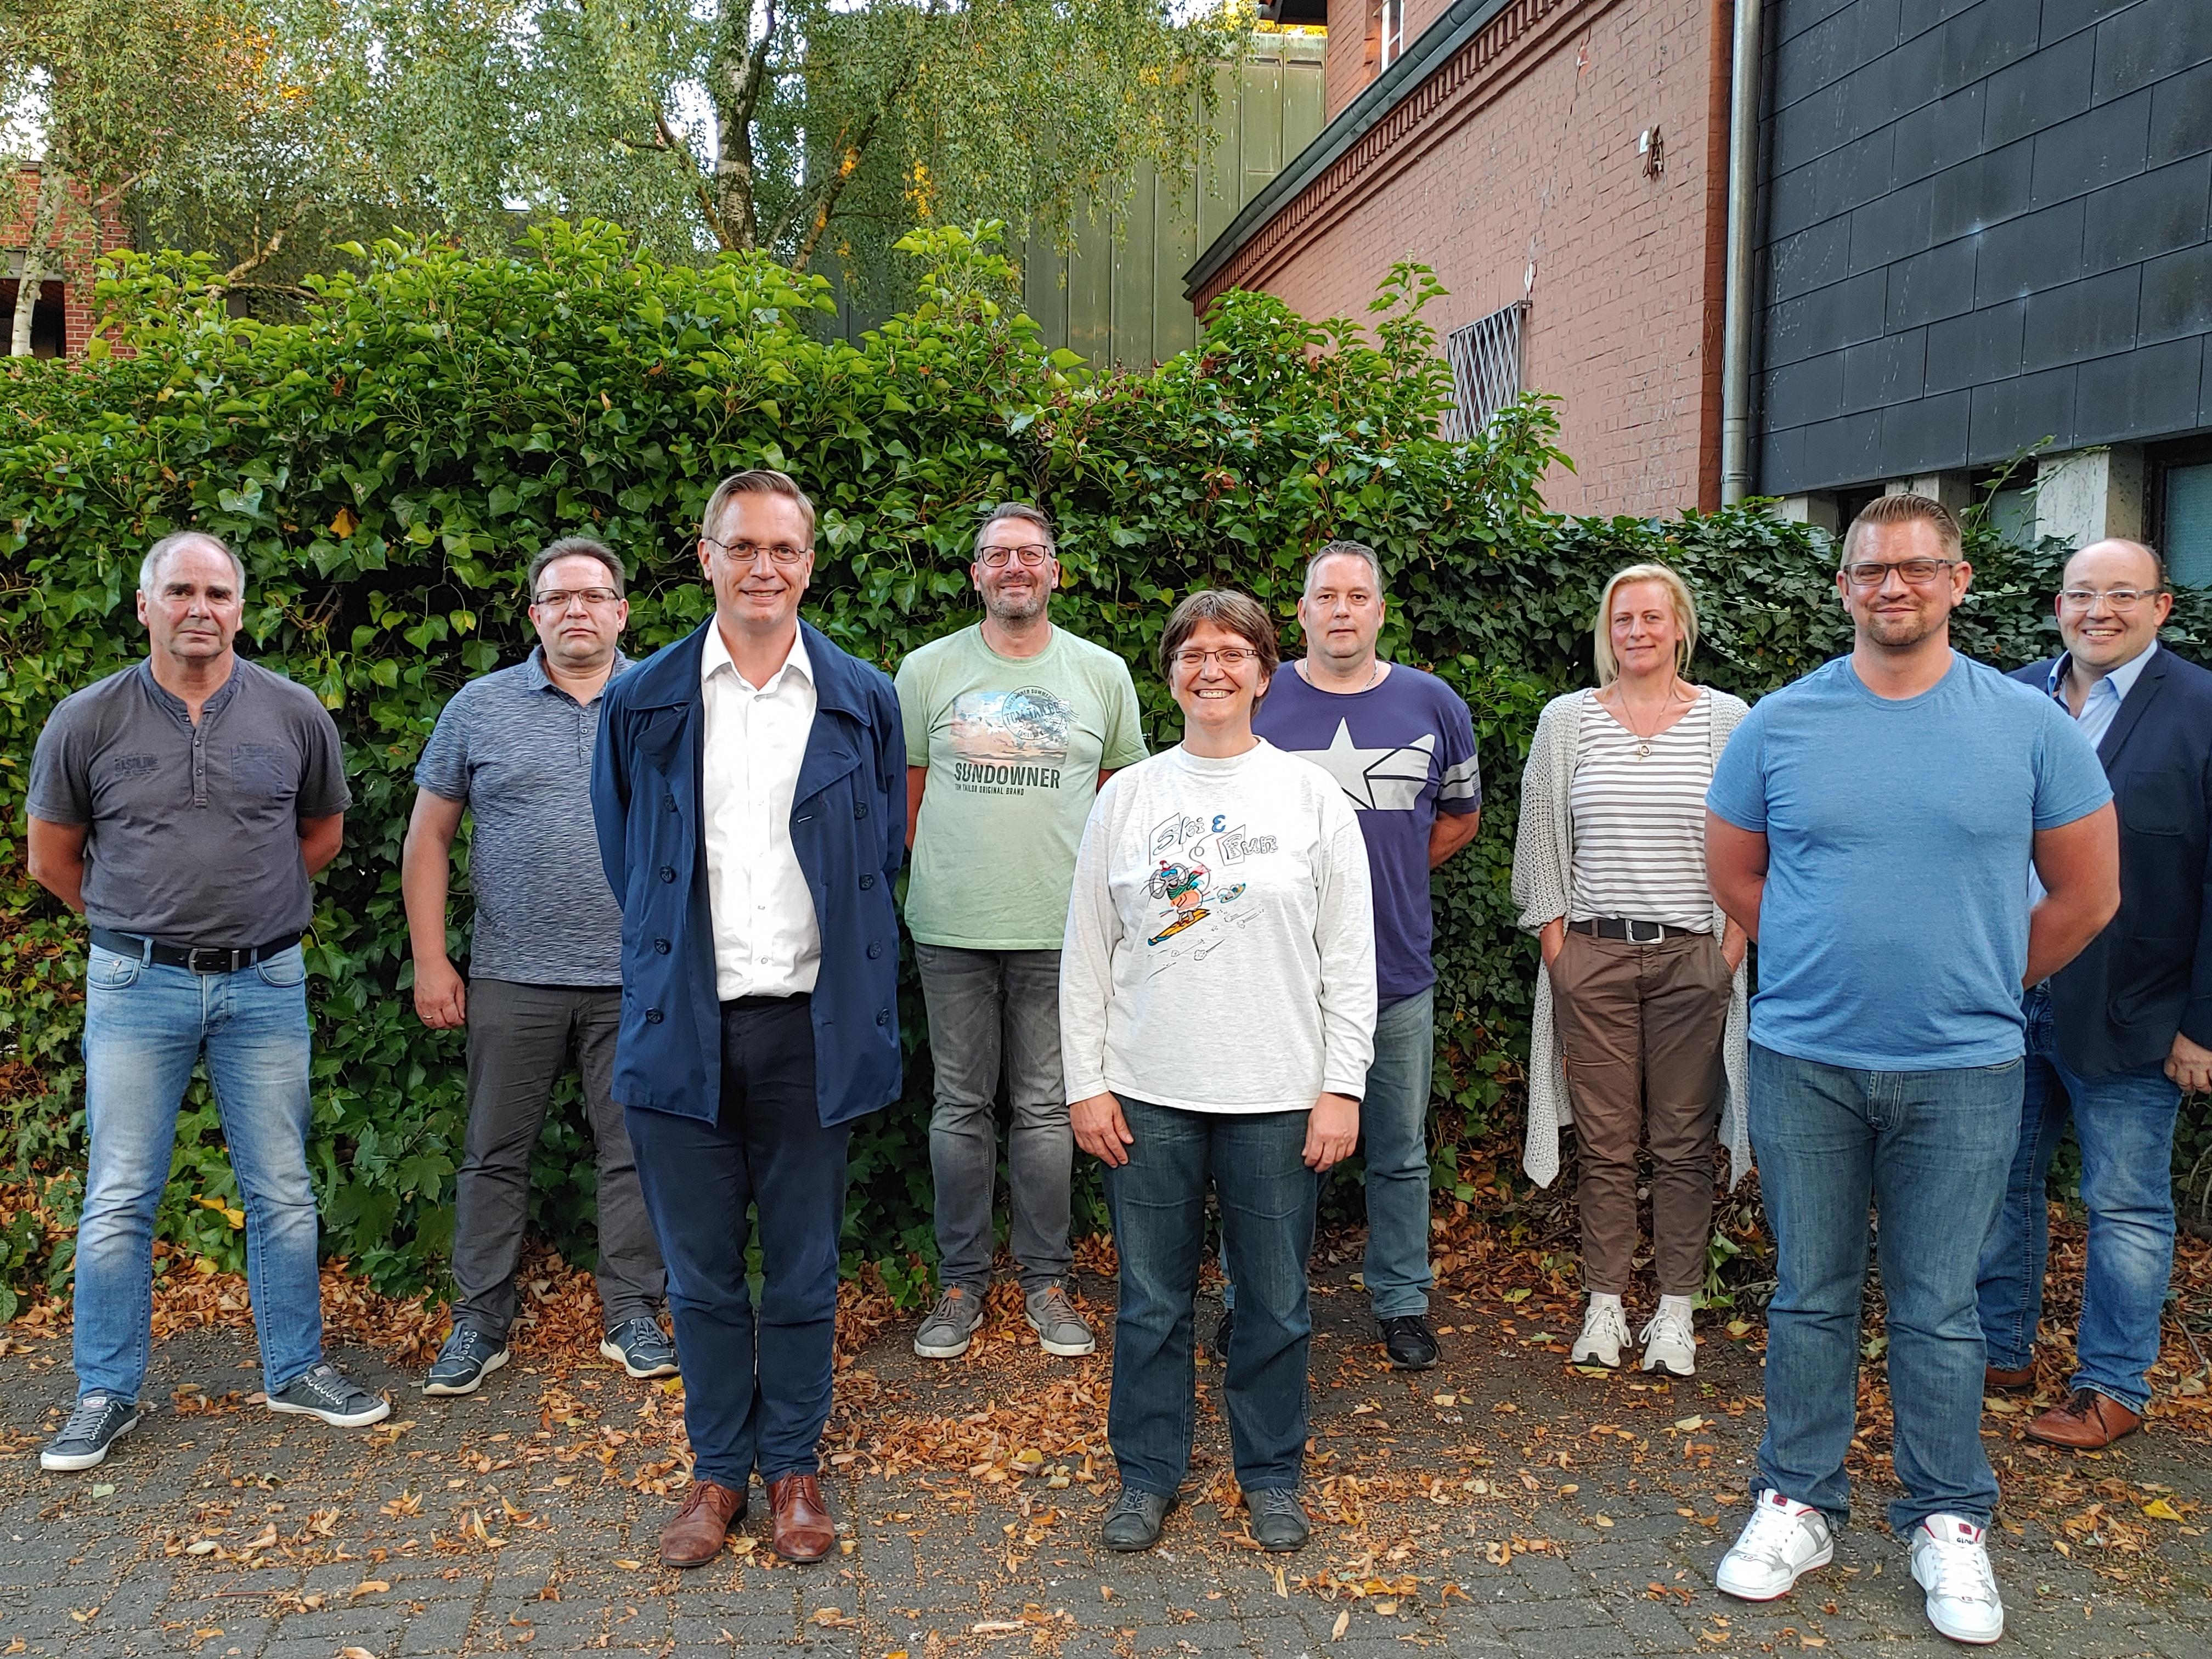 Bild von links nach rechts: Helmut Richter (Kassenprüfer), Rainer Hoyer, Arno Zurbrüggen (1. Vorsitzender), Ralf Vorjohann (2. Vorsitzender), Carola Oen (Beisitzerin), Holger Werminghaus (1. Vorsitzender SG Oelde), Jutta Jaßmeier-Griess (Beisitzerin), Nils Brüggemann (Kassenwart), Markus Pohlmann (Kassenprüfer)